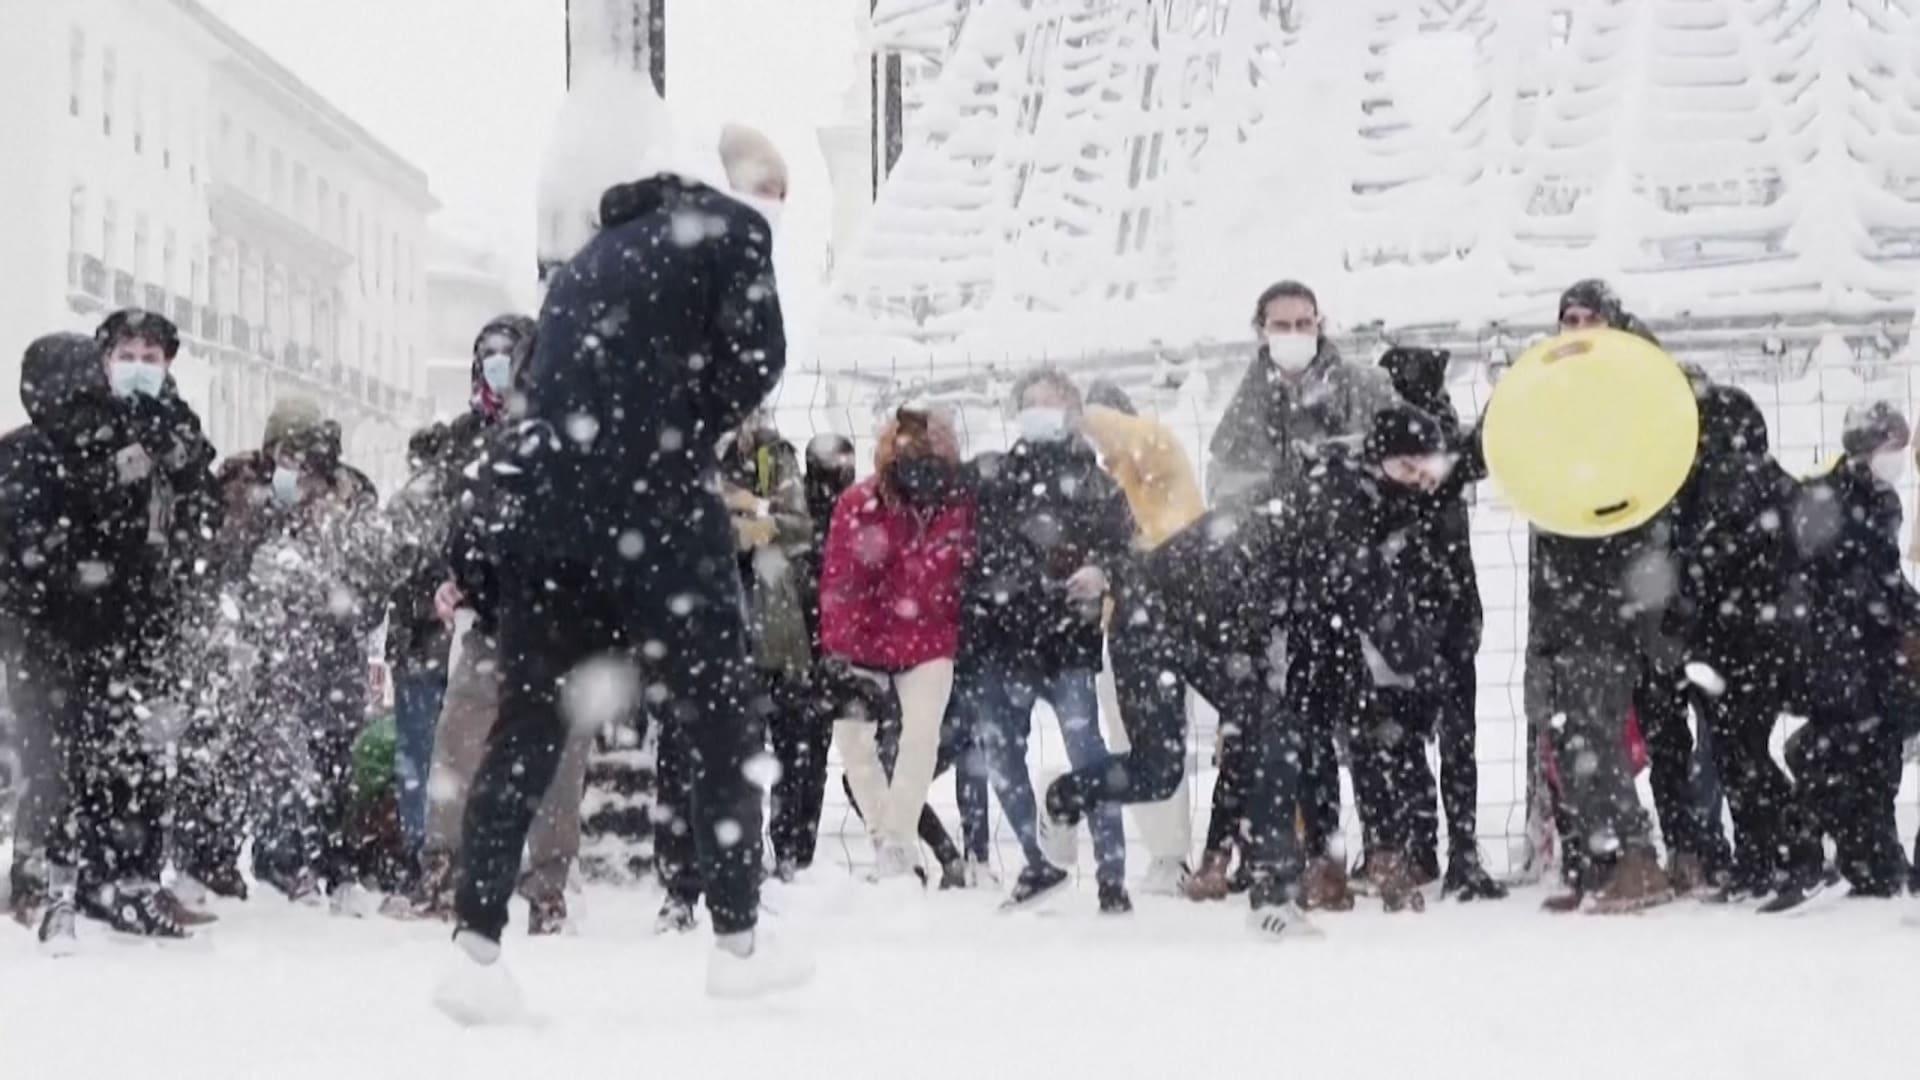 معارك بكرات الثلج.. إسبان يحتفلون بثلوج لا مثيل لها في مدريد منذ 50 عاما